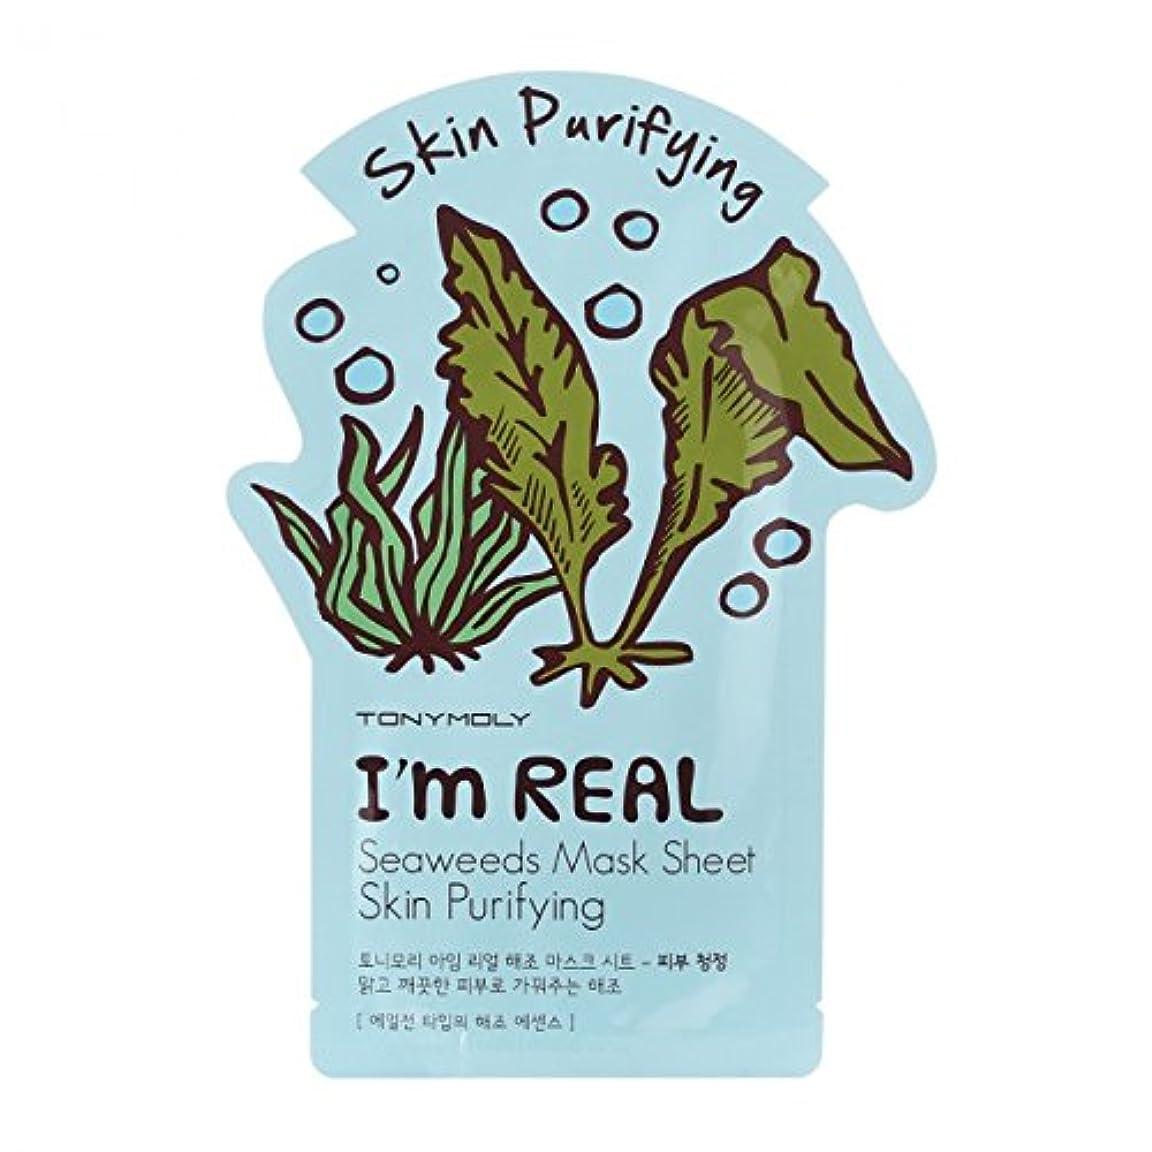 呼びかける能力電極(6 Pack) TONYMOLY I'm Real Seaweeds Mask Sheet Skin Purifying (並行輸入品)